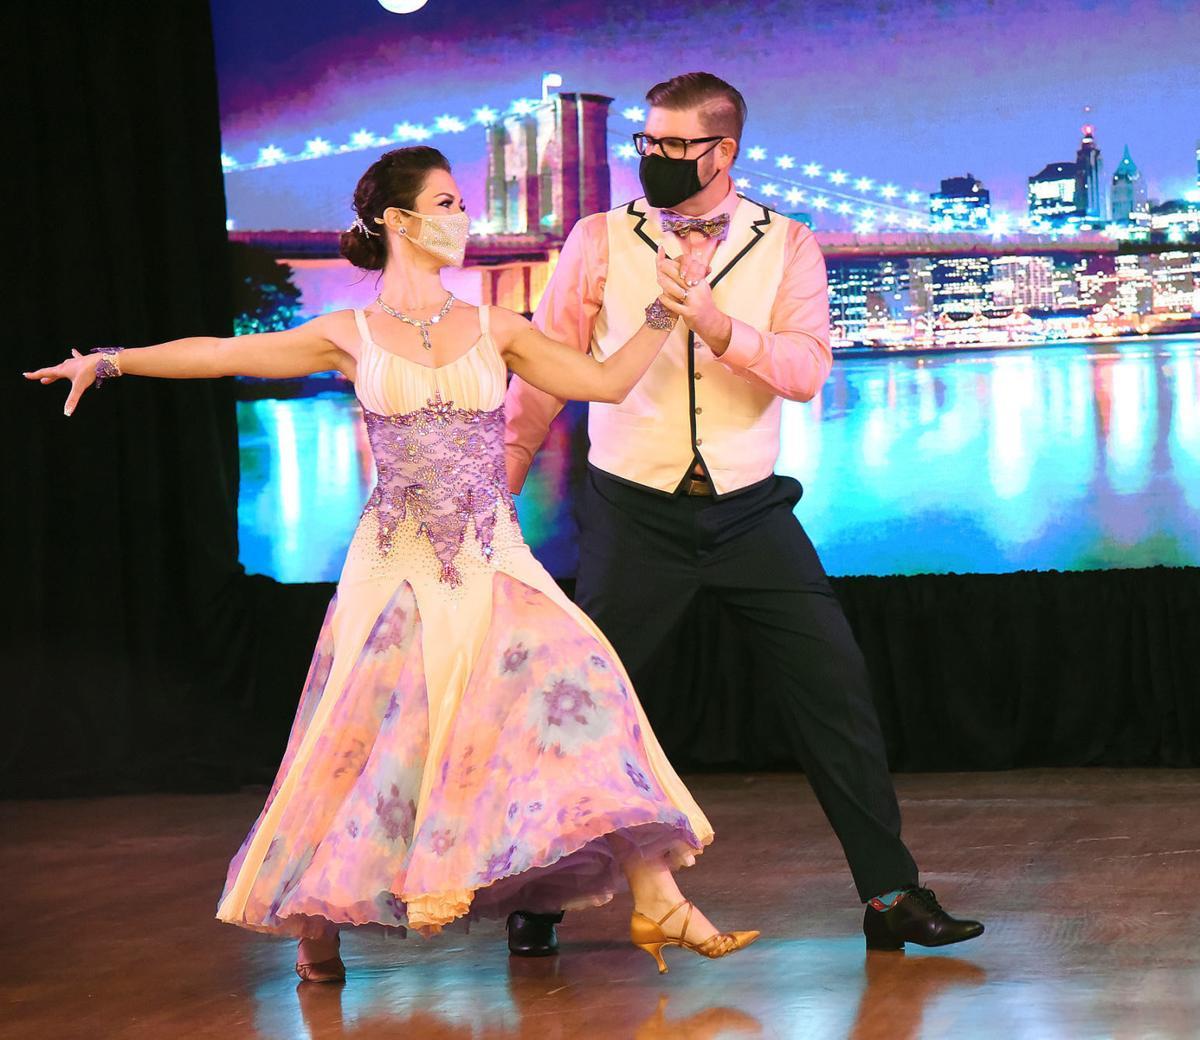 HPTNWS-03-02-21 DANCING 4.jpg